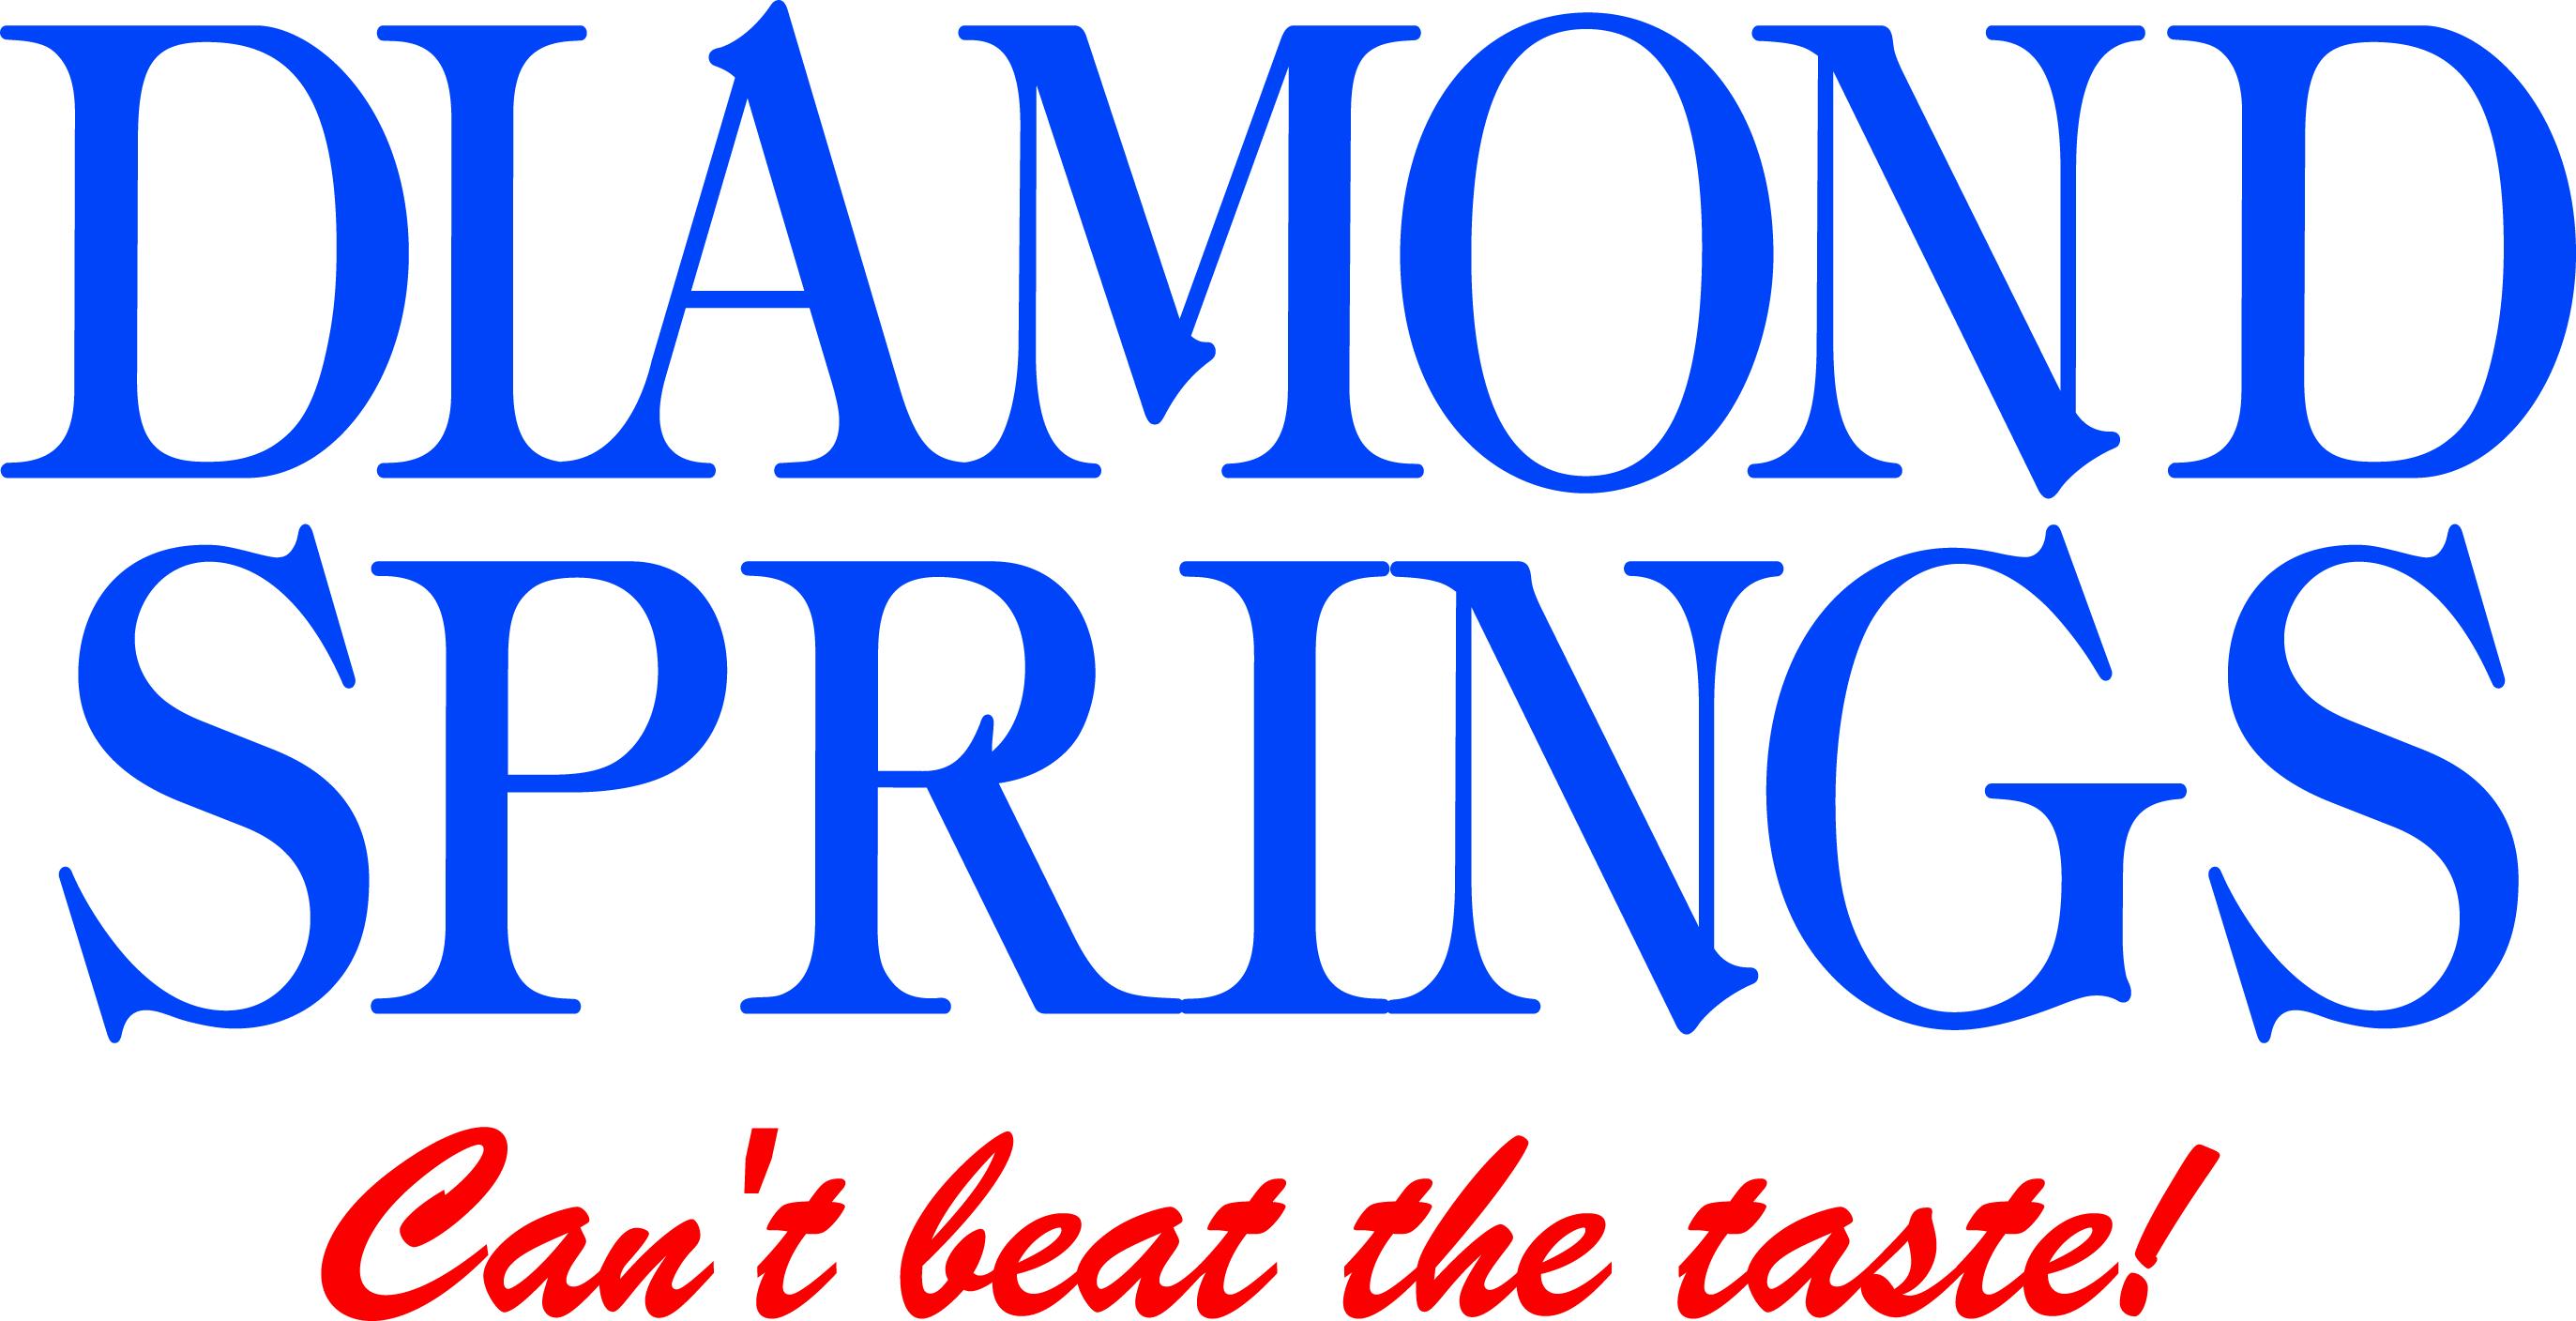 Sponsor Diamond Springs Water